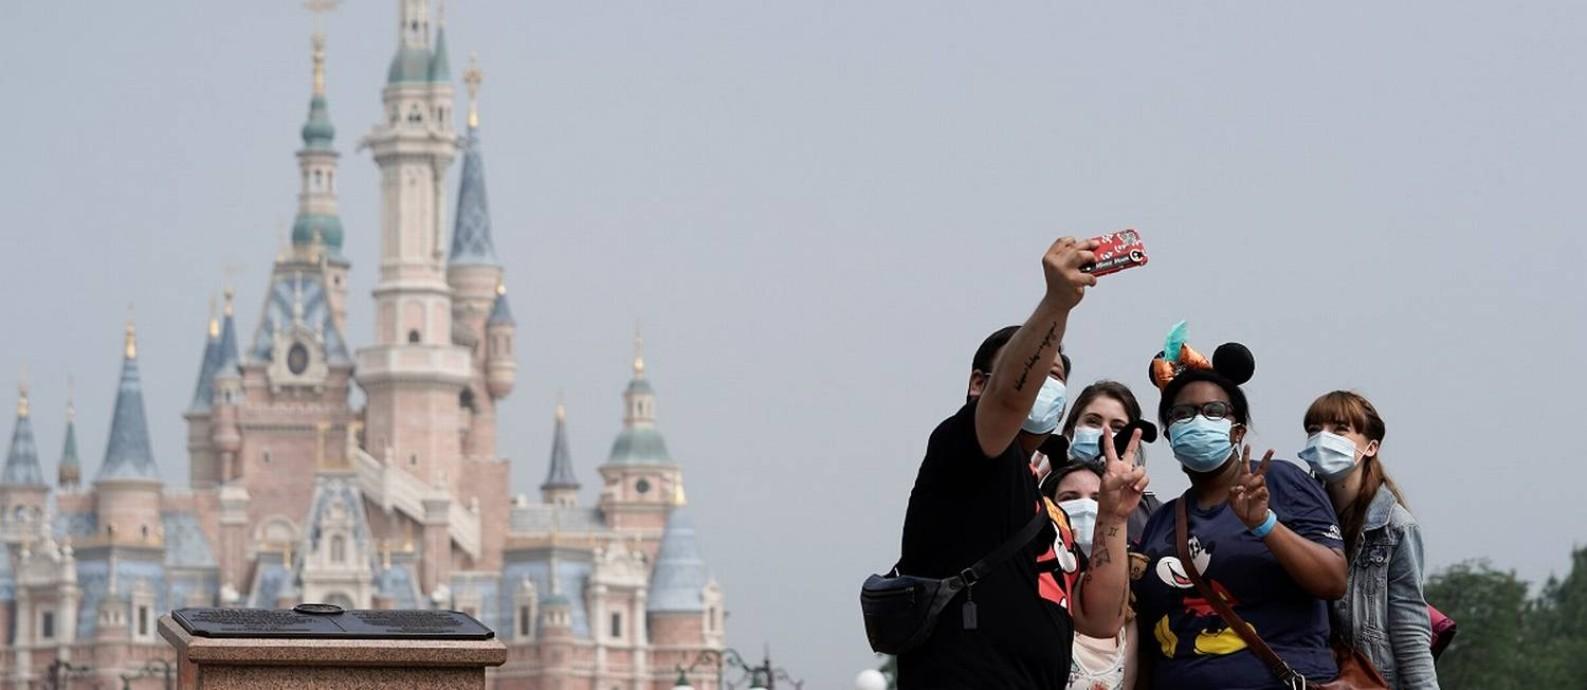 Usando máscaras, visitantes tiram uma selfie em frente ao Castelo dos Contos de Fadas, na Shanghai Disneyland Foto: Aly Song / Reuters